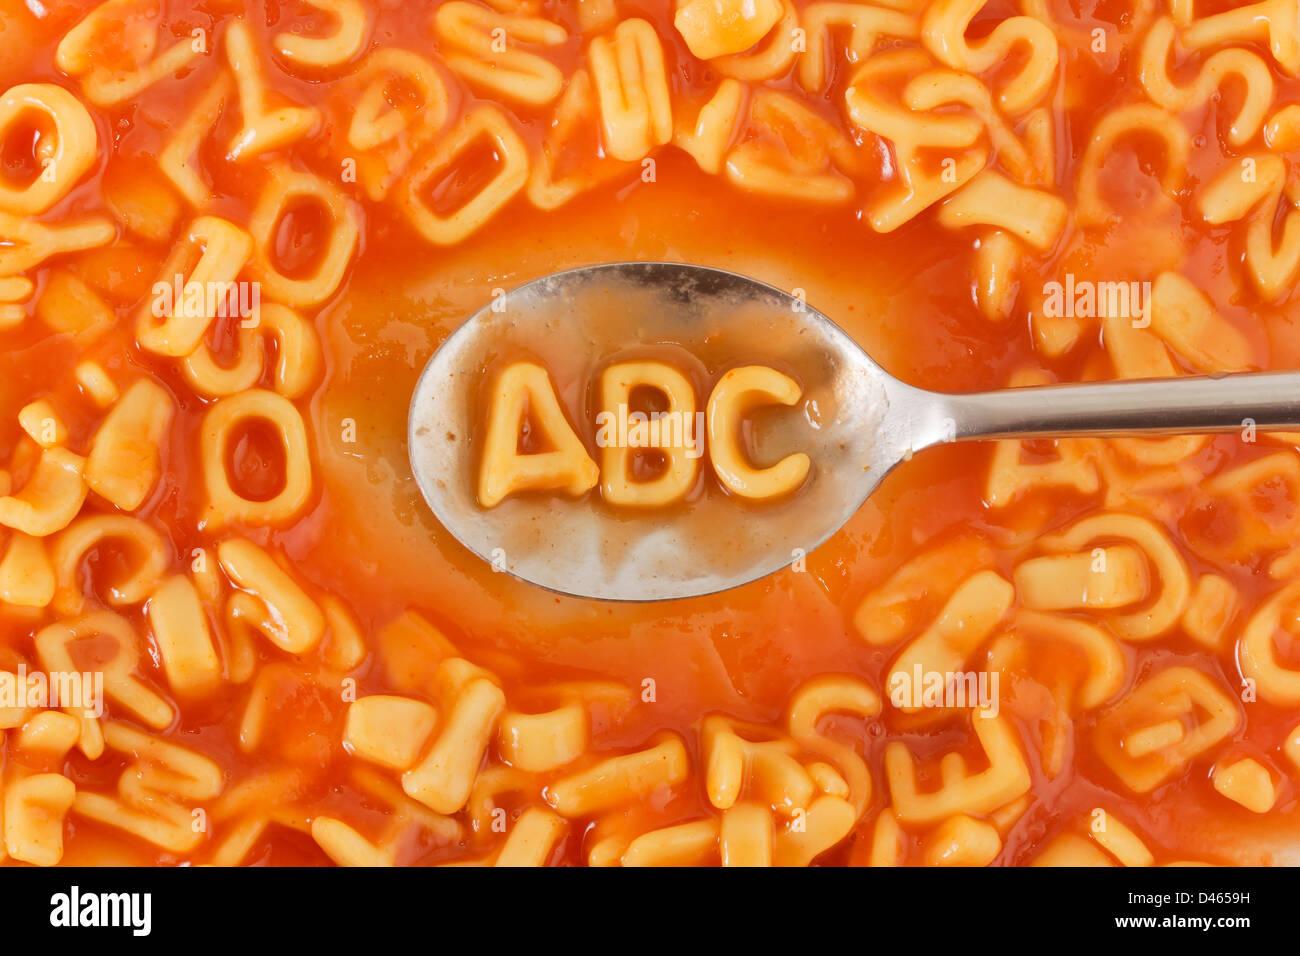 En forme de pâtes lettres ABC sur une cuillère à pâtes en sauce tomate en forme de lettres Photo Stock